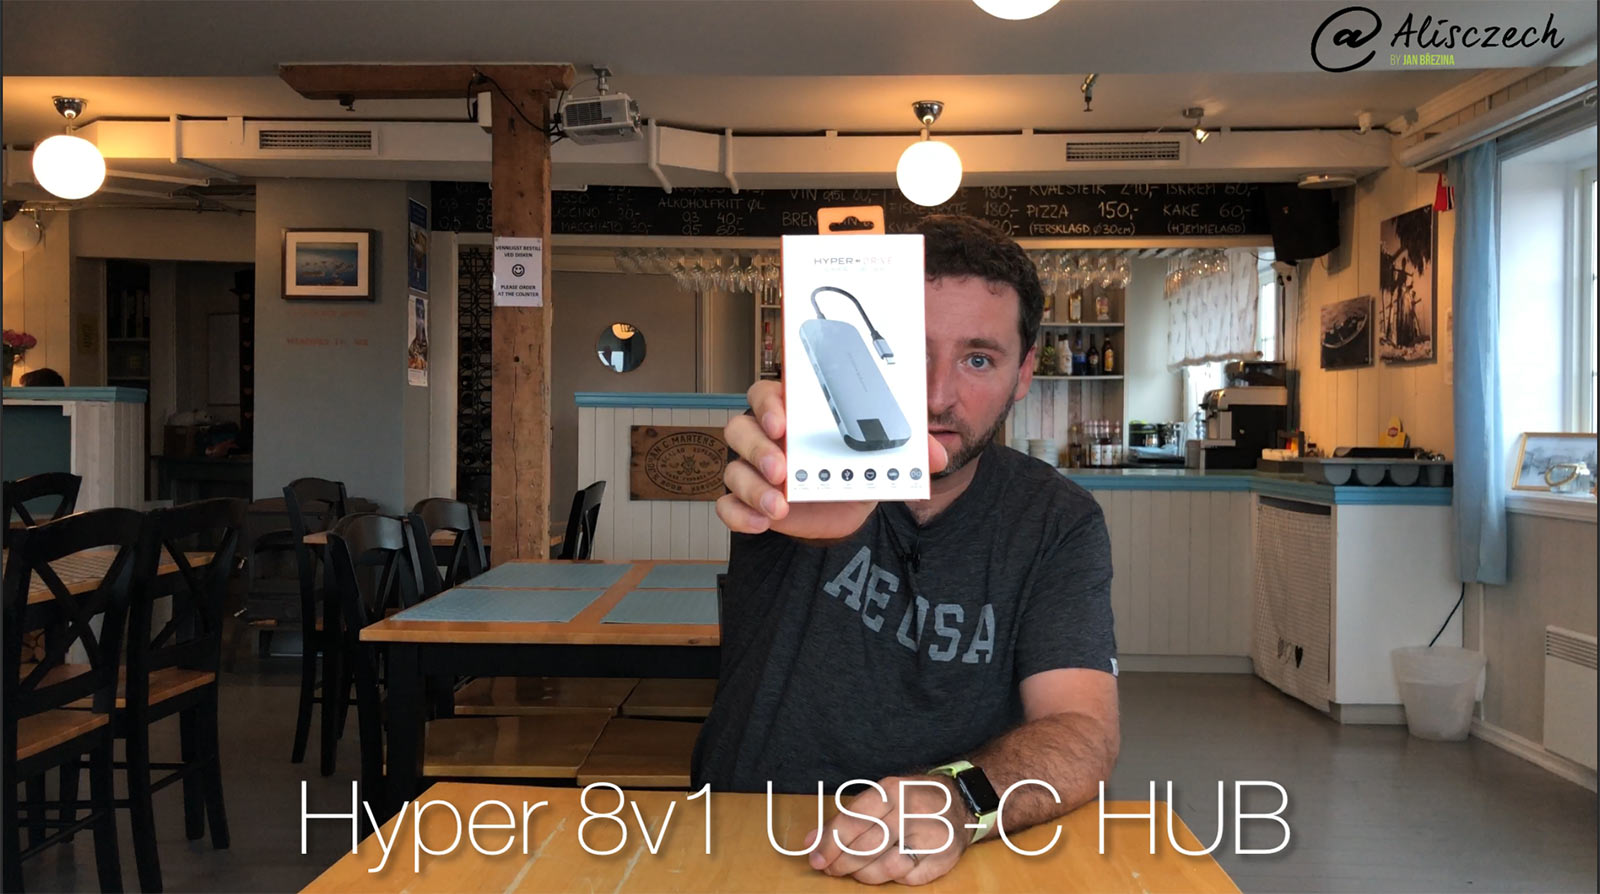 Hyper USB-C HUB 8v1